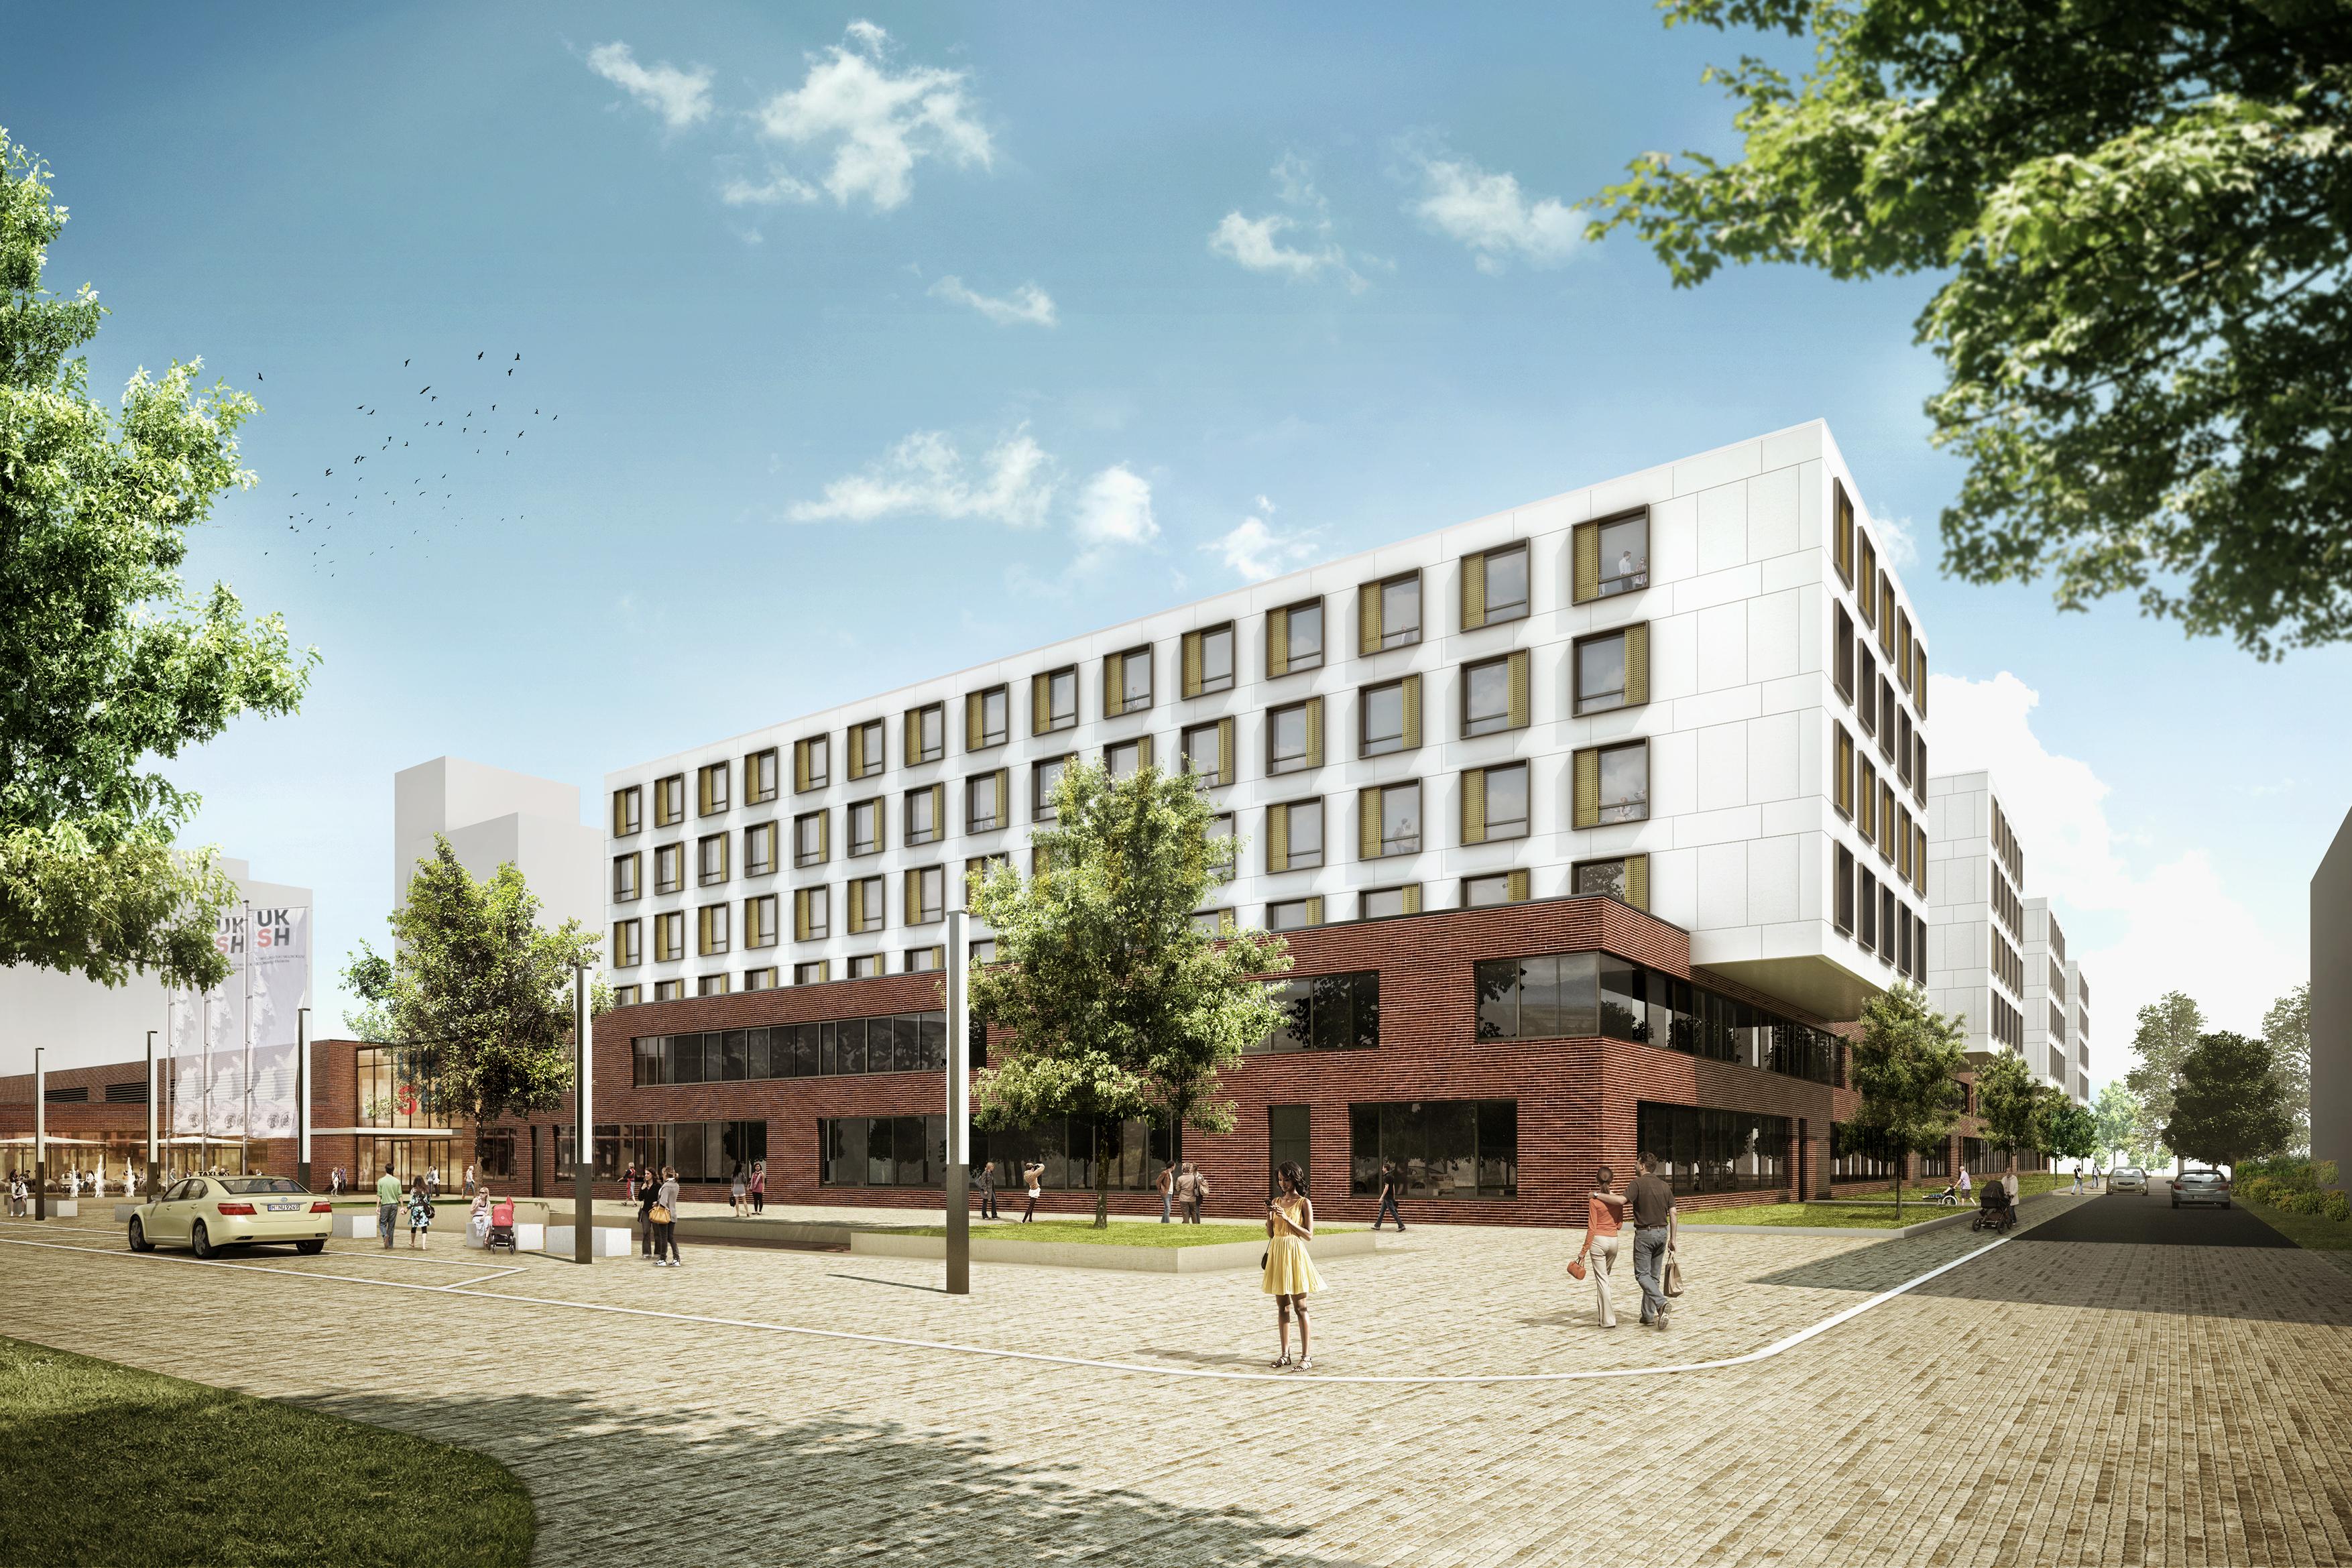 Kiel Architektur kiel architektur